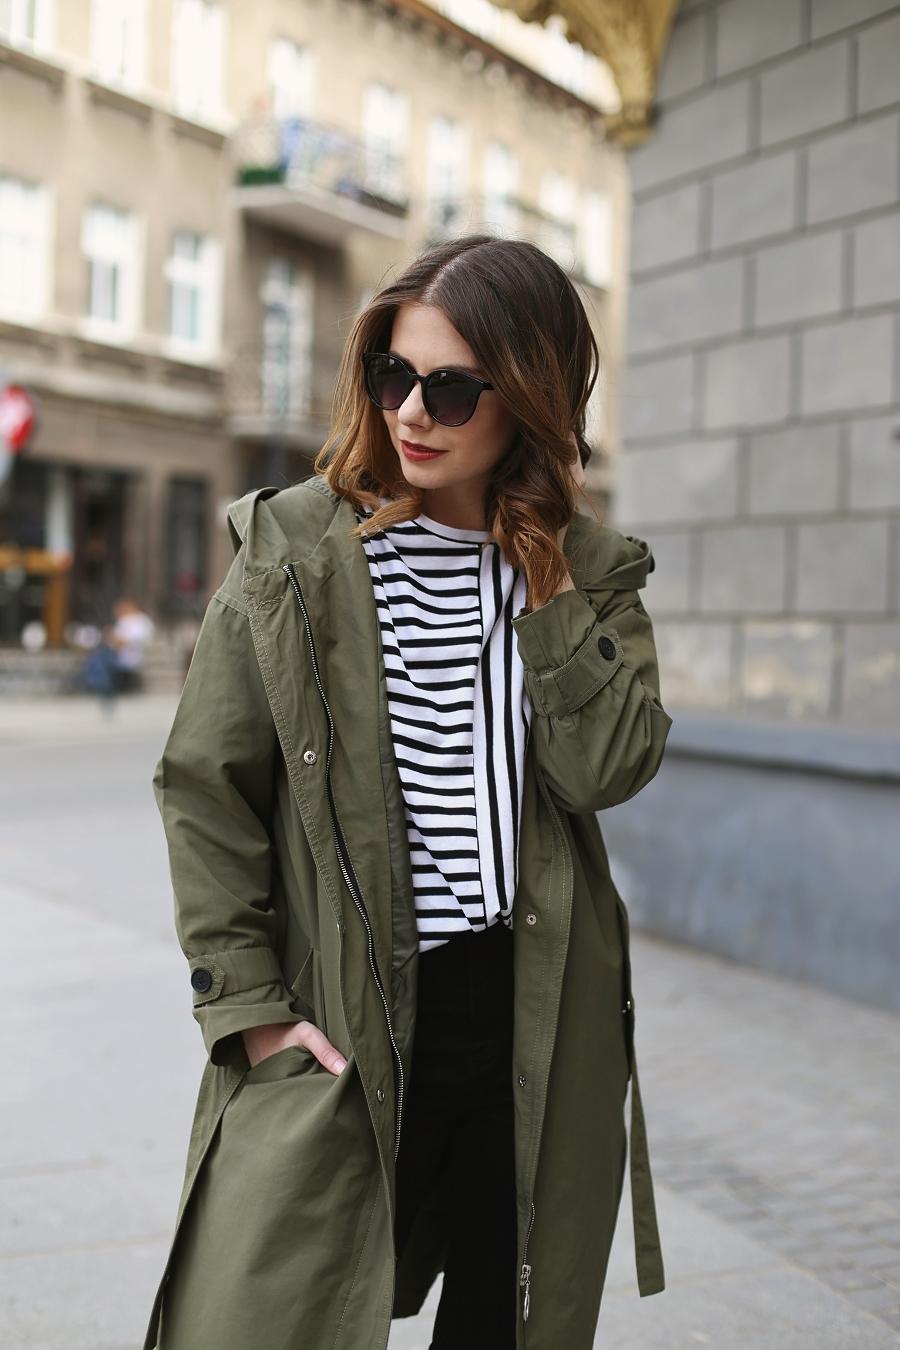 Stylizacja na majówkę - Parka, pasiak, jeansy z wysokim stanem, okulary przeciwsłoneczne - Moodo